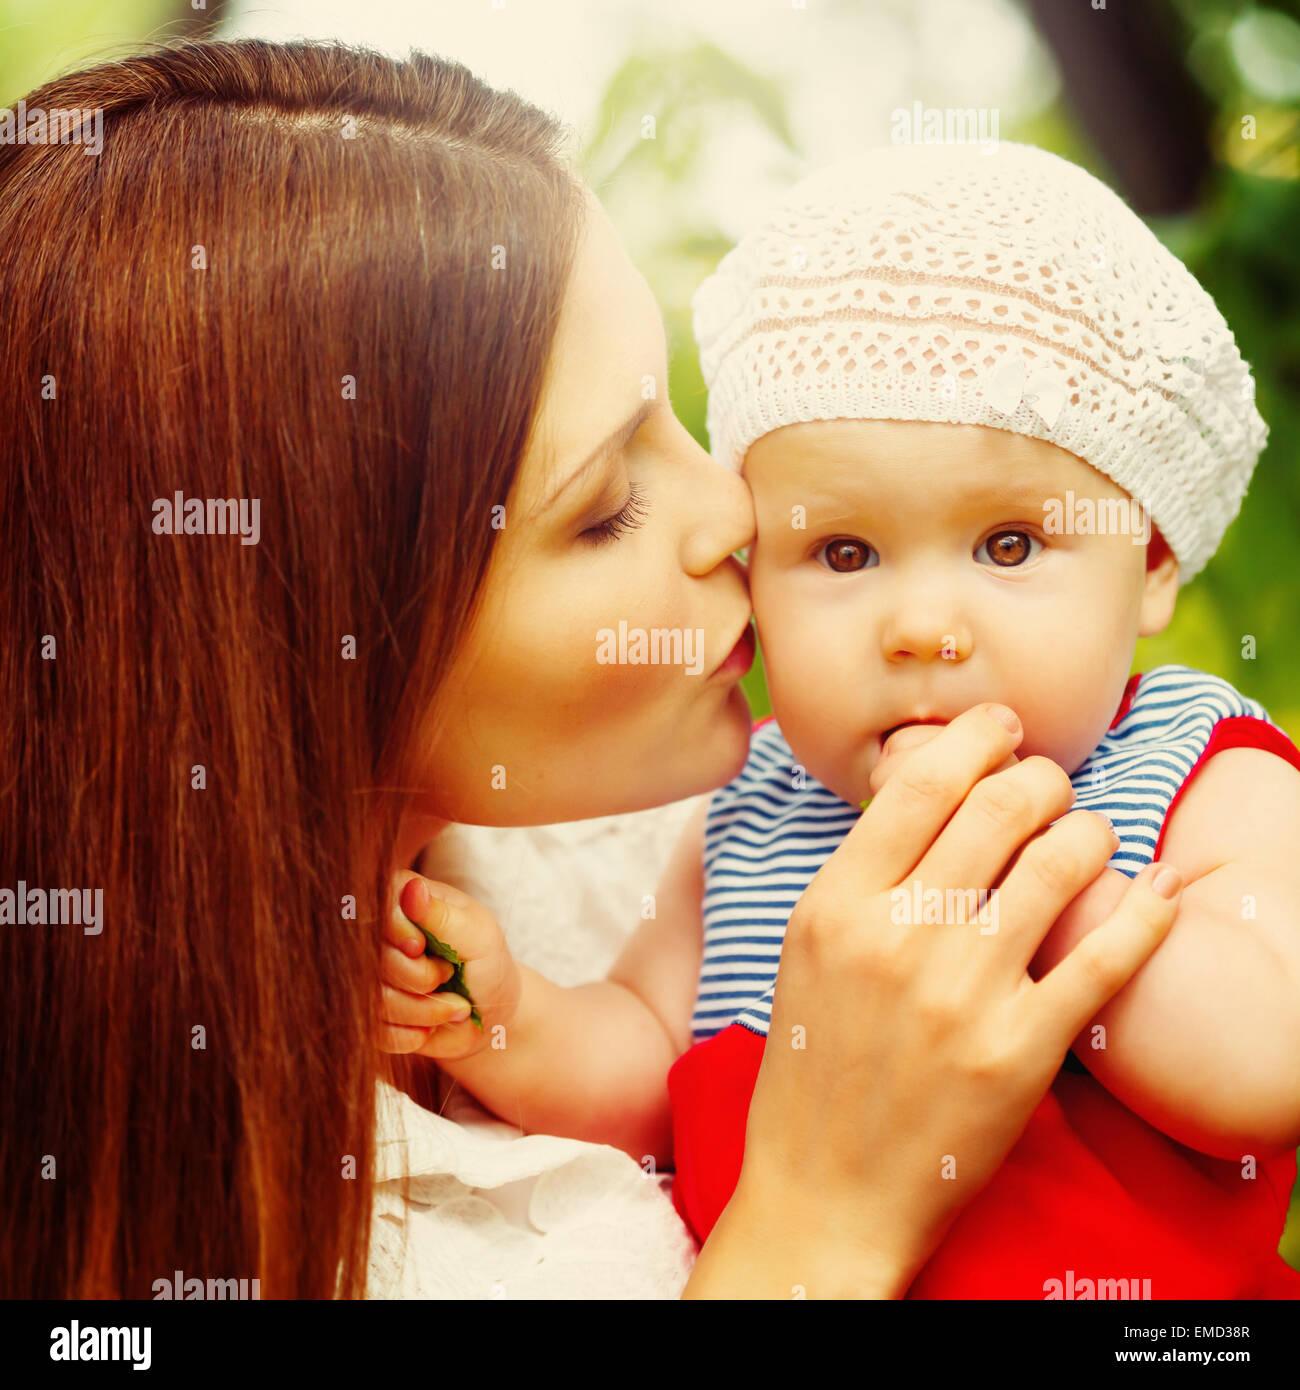 Surpris Toddler Baby Girl sitting on Mom's Hands, à la recherche en appareil photo. Mère embrassant Photo Stock